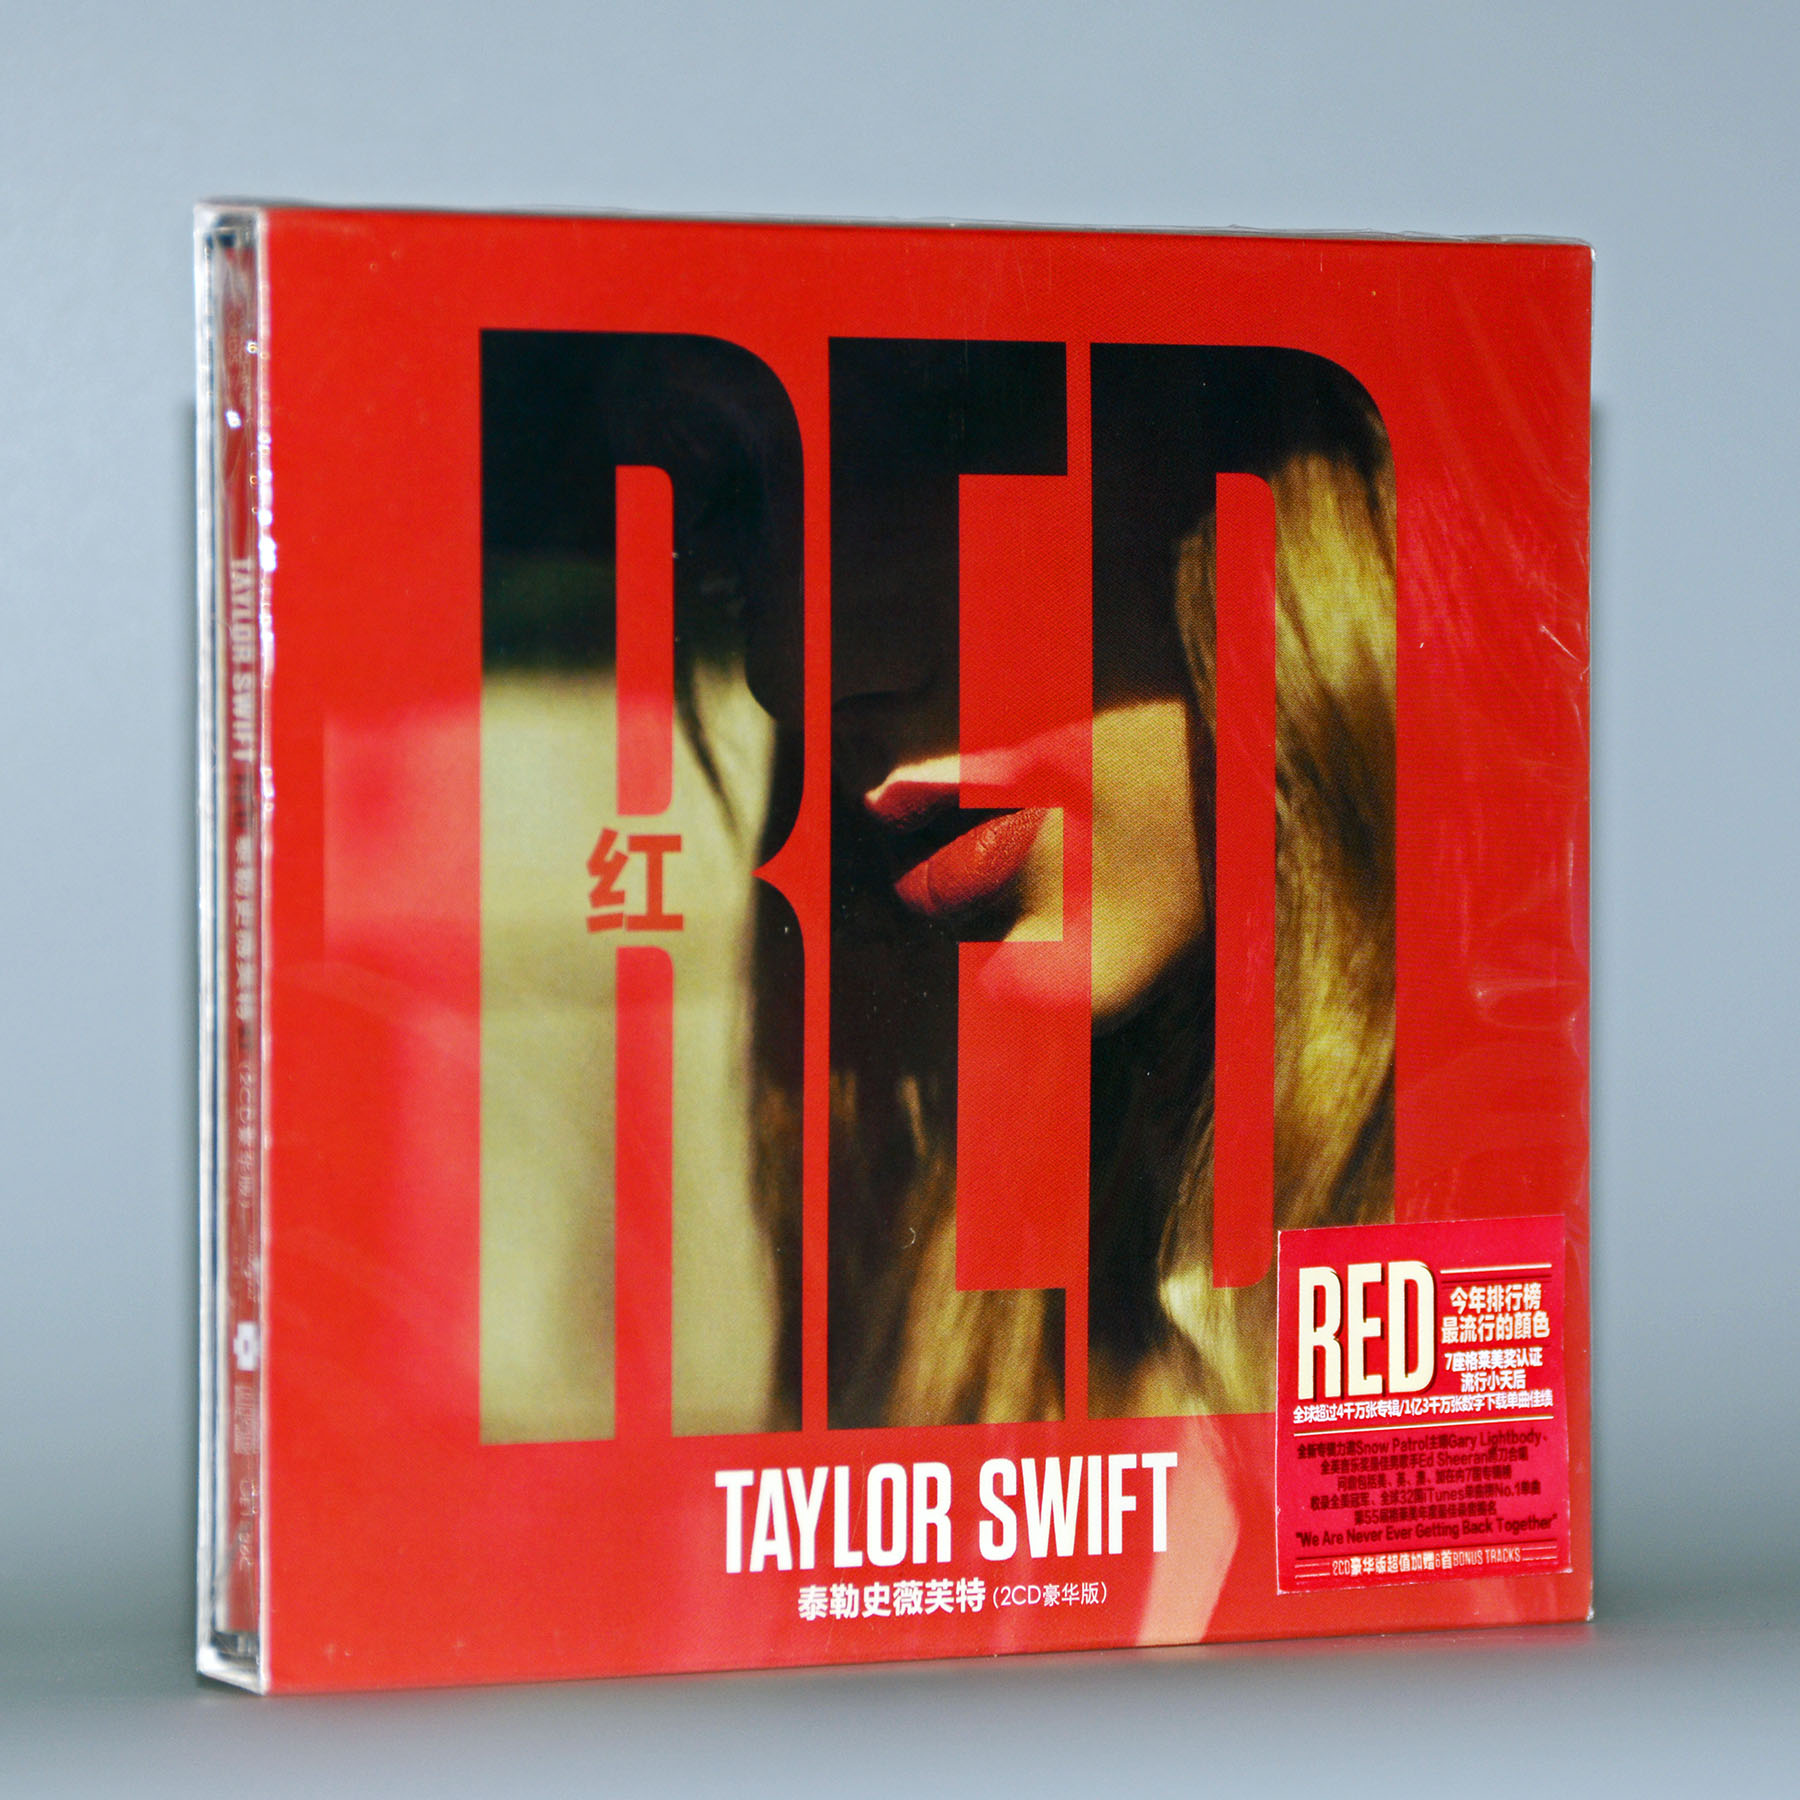 正版�]� 霉霉 Taylor Swift red 泰勒斯威夫特 �t色 豪�A版2CD